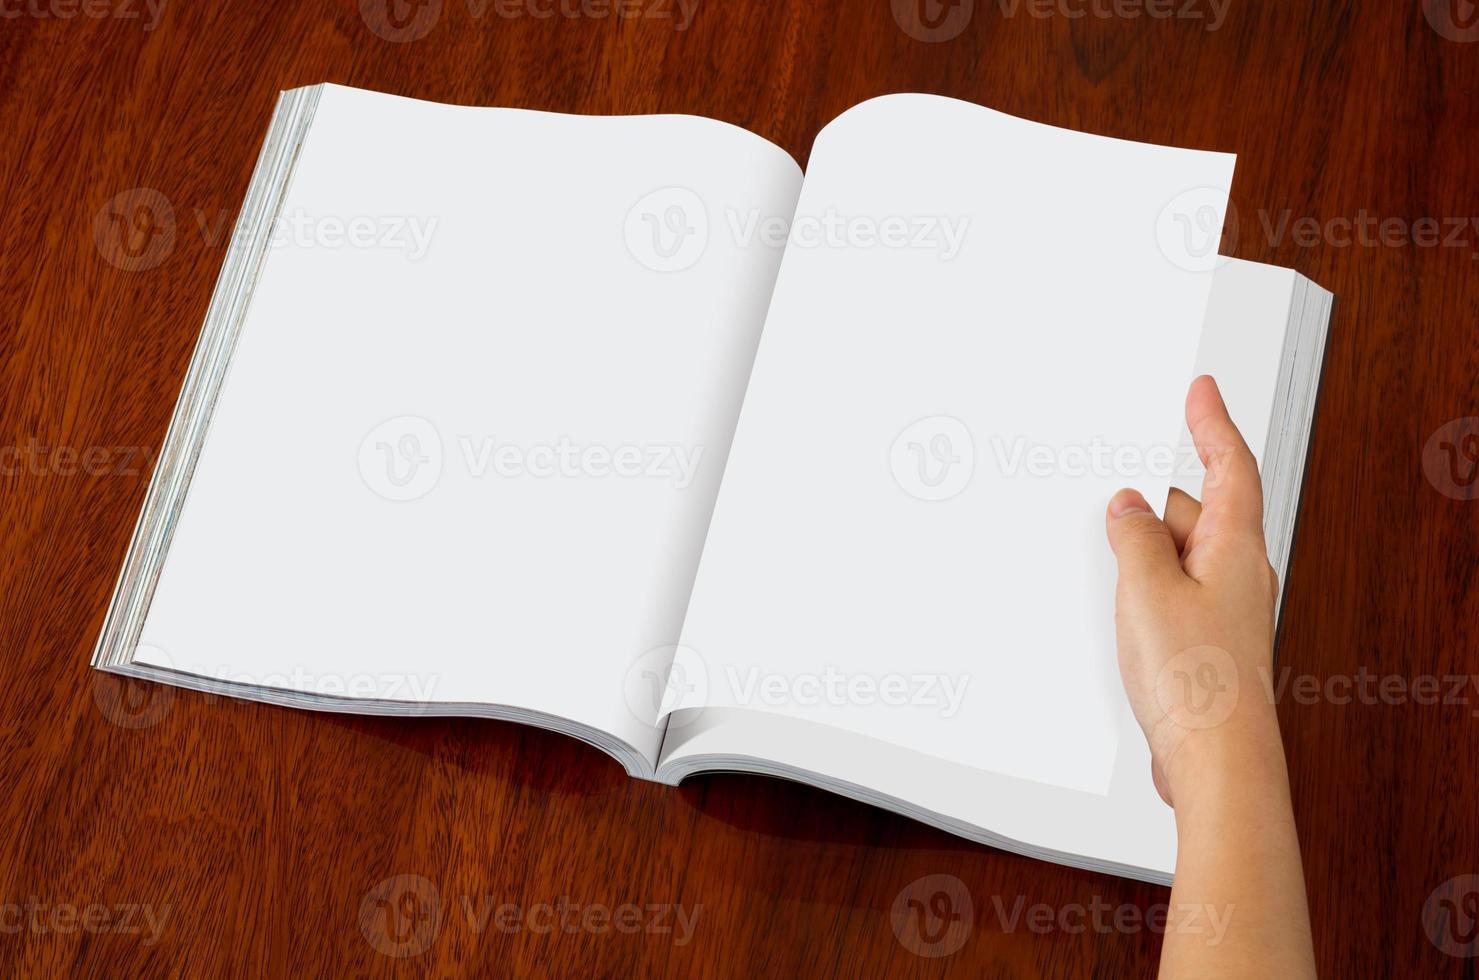 leerer Katalog, Zeitschriften, Buchmodell auf Holzhintergrund foto